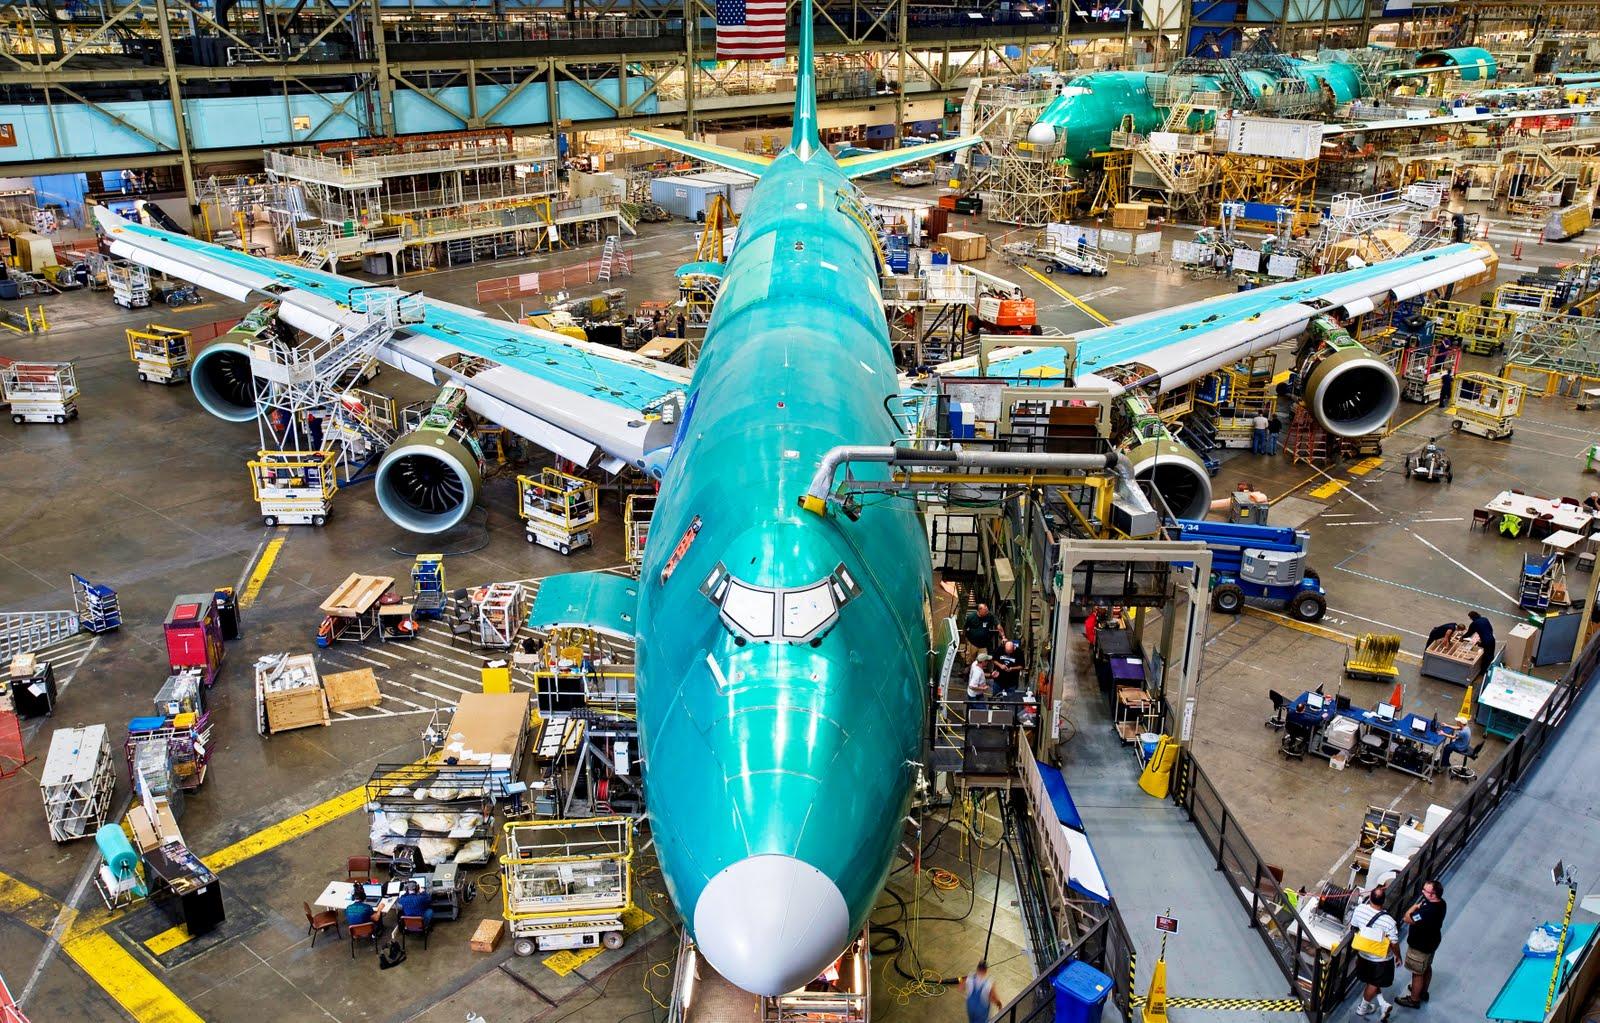 http://4.bp.blogspot.com/-O4uBTAREGro/TmD7CWwDUpI/AAAAAAAAGS4/2aHhbmUKPYA/s1600/boeing_747_8_manufacture_974126.jpg